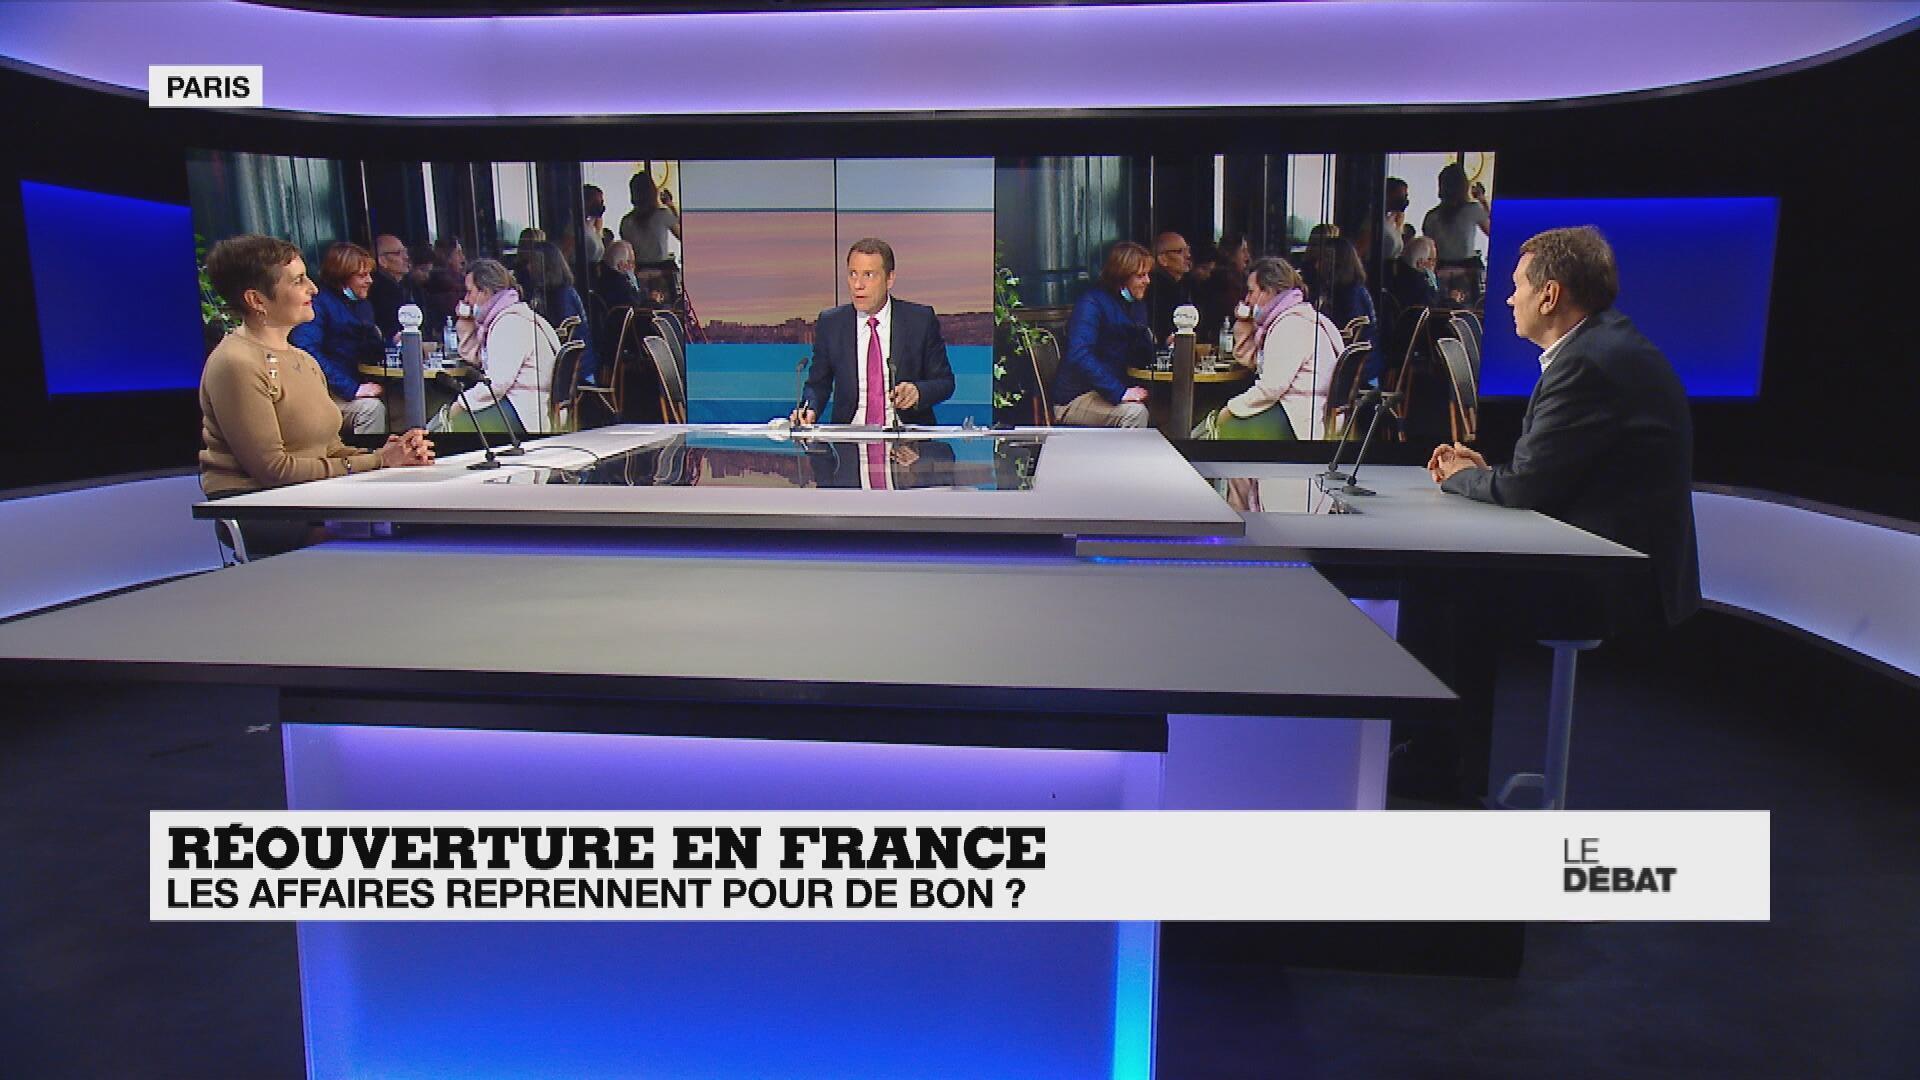 Le Débat de France 24 - mercredi 19 mai 2021